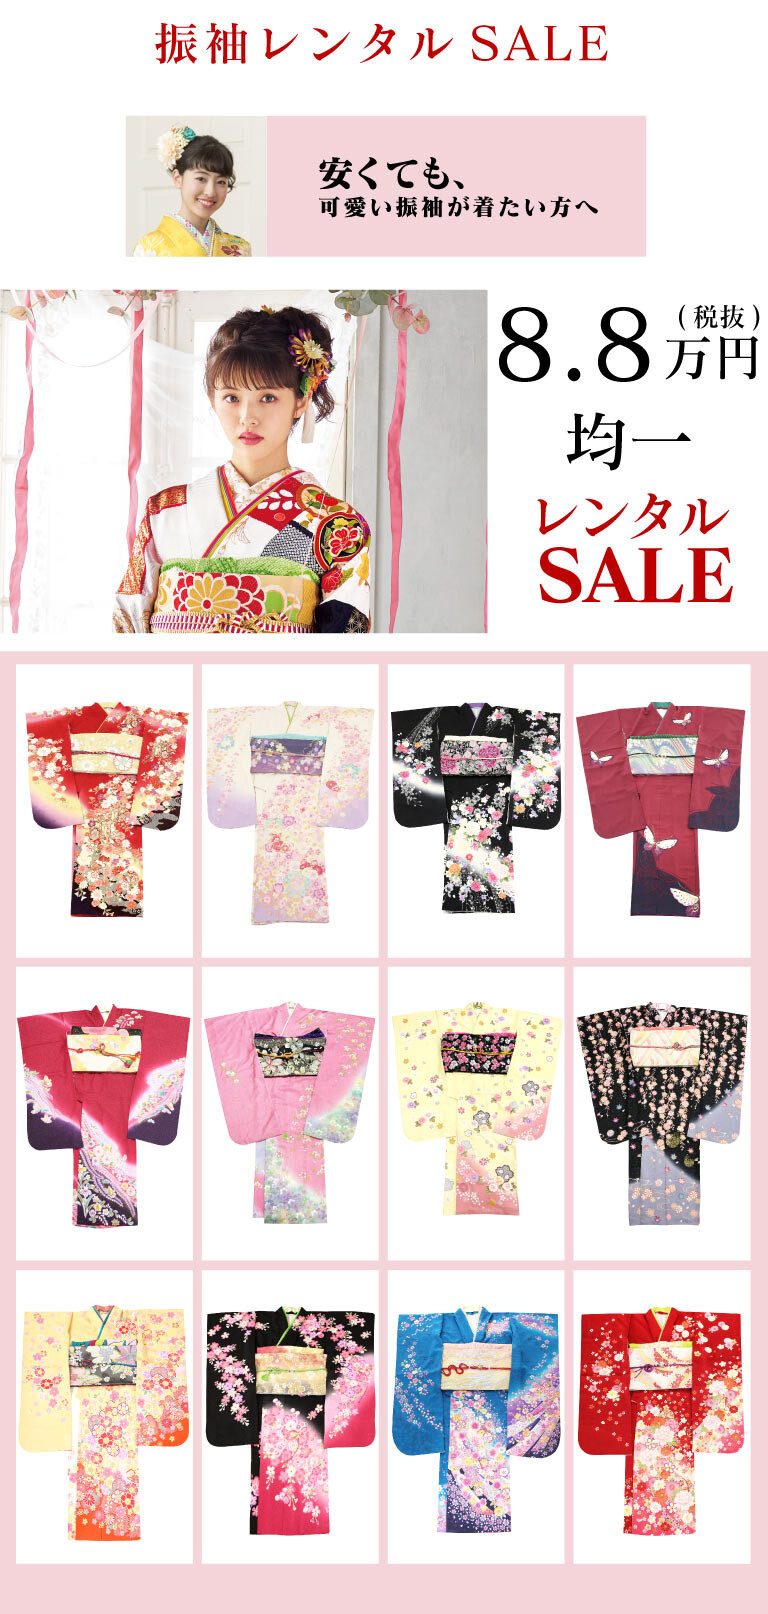 07-振袖セール-8.8万円